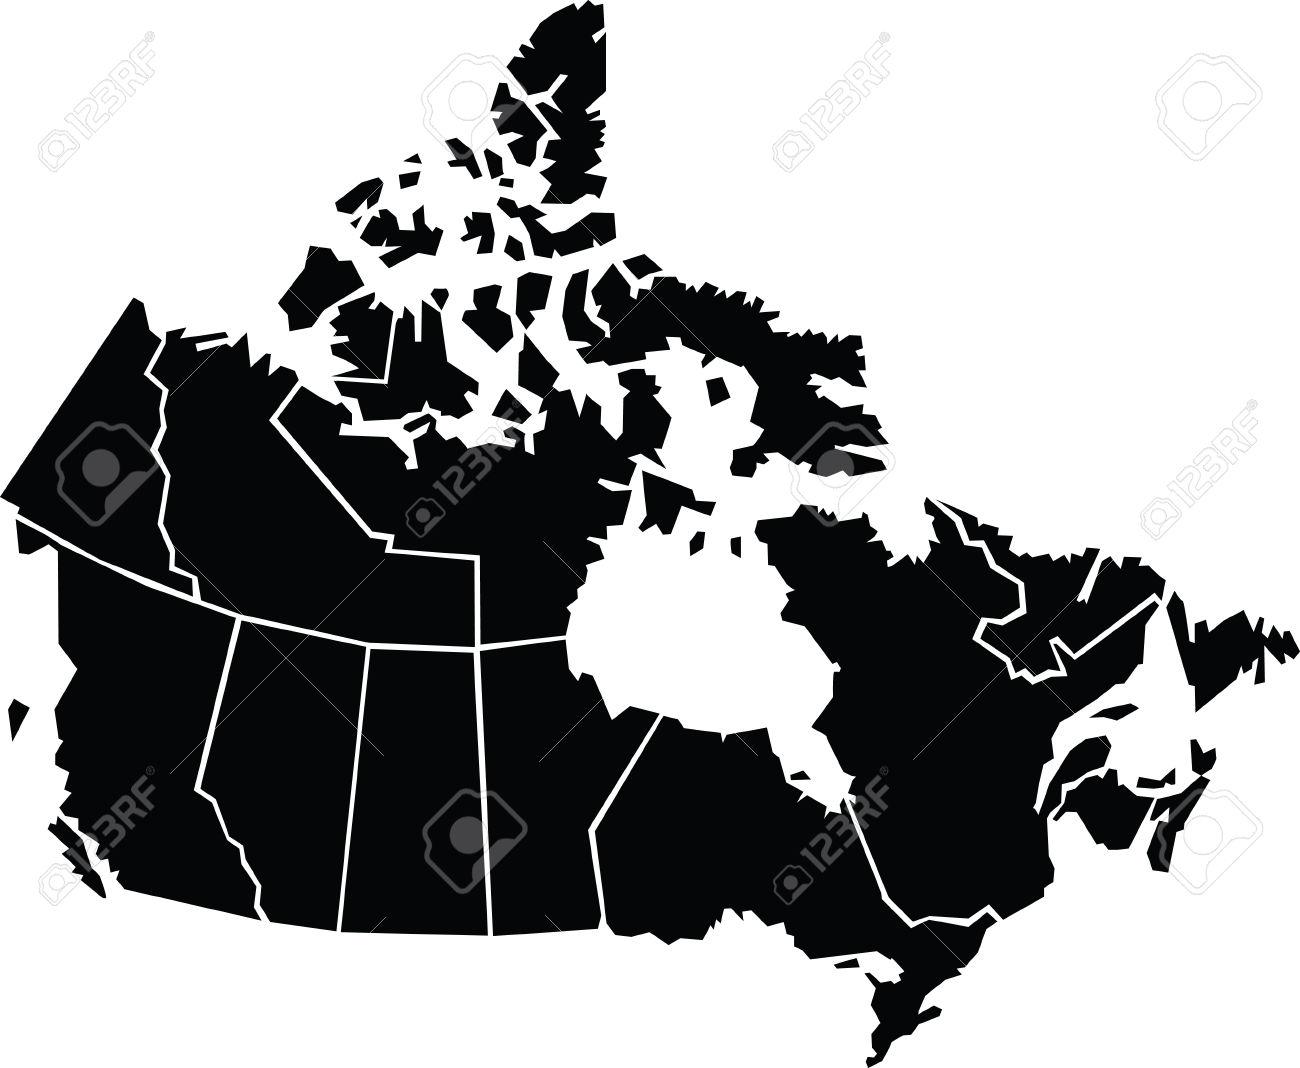 CAnada map black.jpg